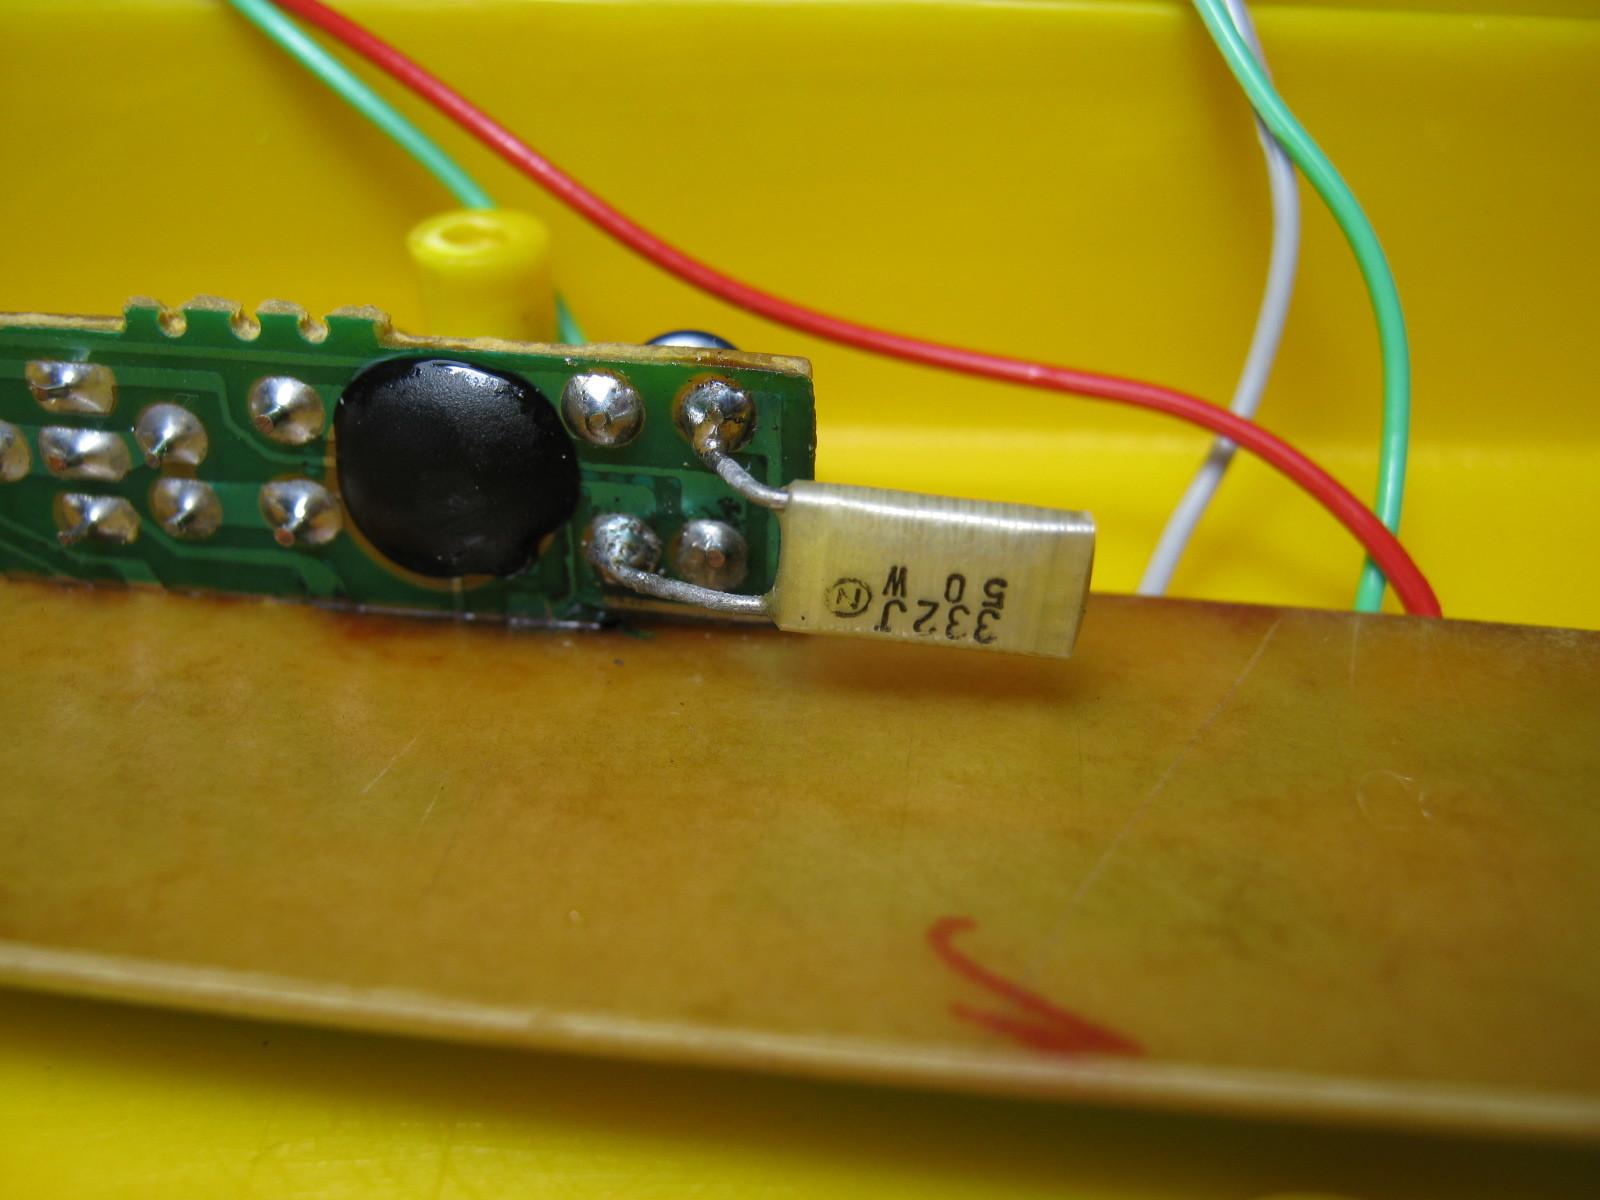 歩行器の鳴り物(マンテン)(COB不良)オシレータC追加